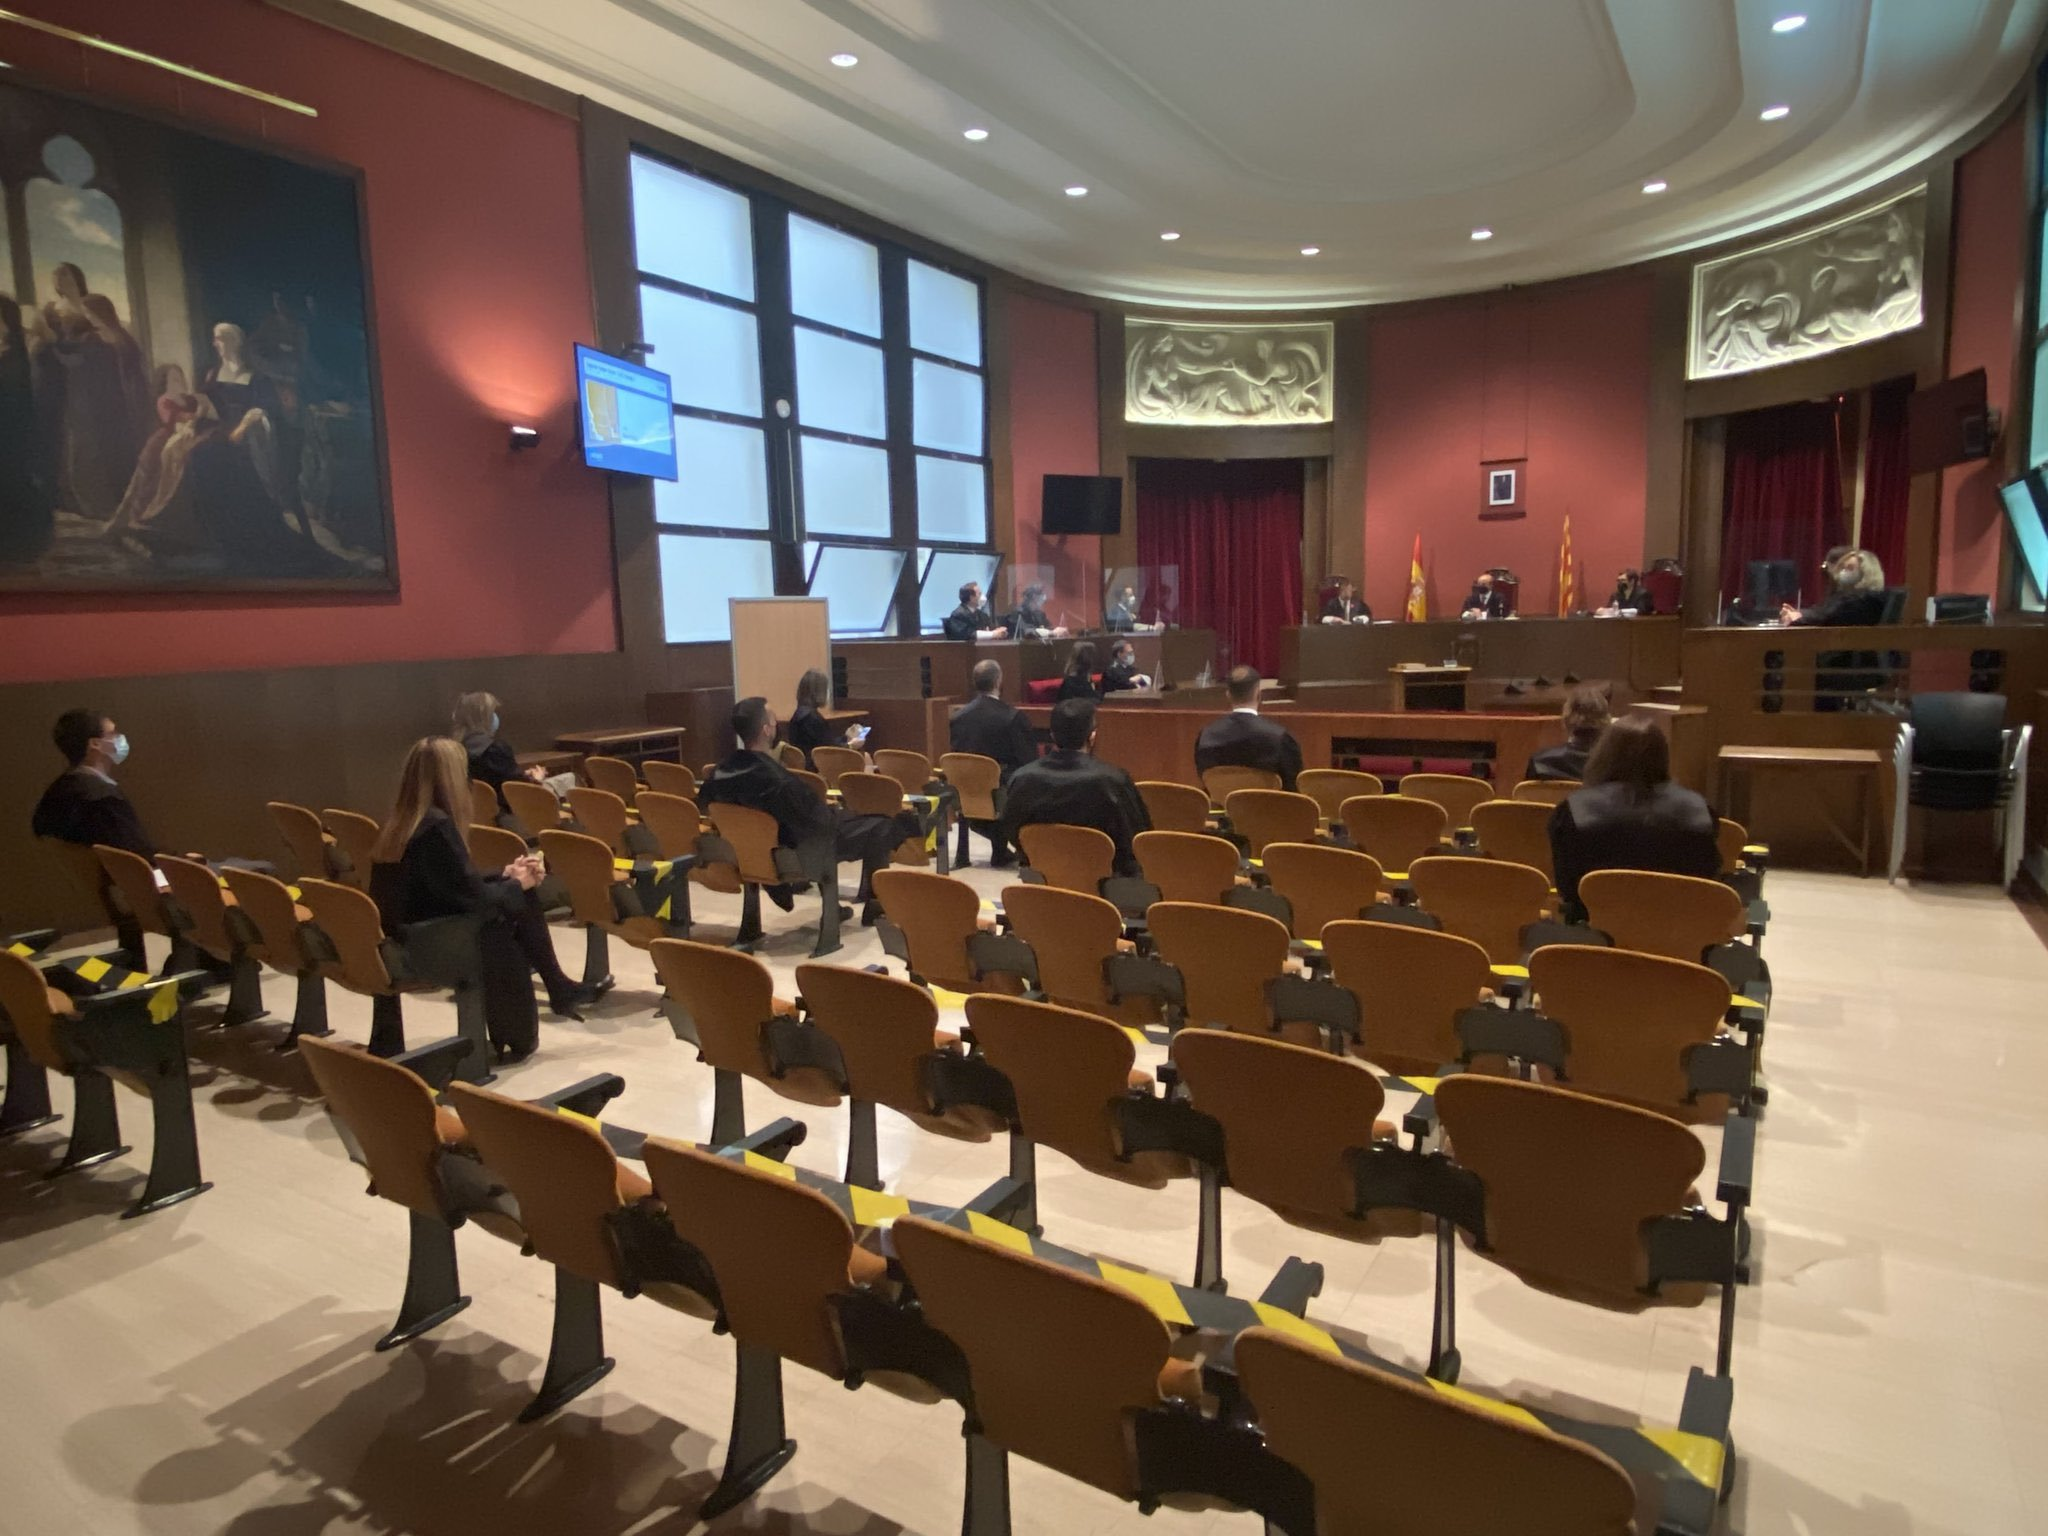 El pasado enero 12 nuevos letrados juraron o prometieron su cargo ante el presidente del TSJC Jesús M. Barrientos y el secretario de gobierno Joaquim Martínez